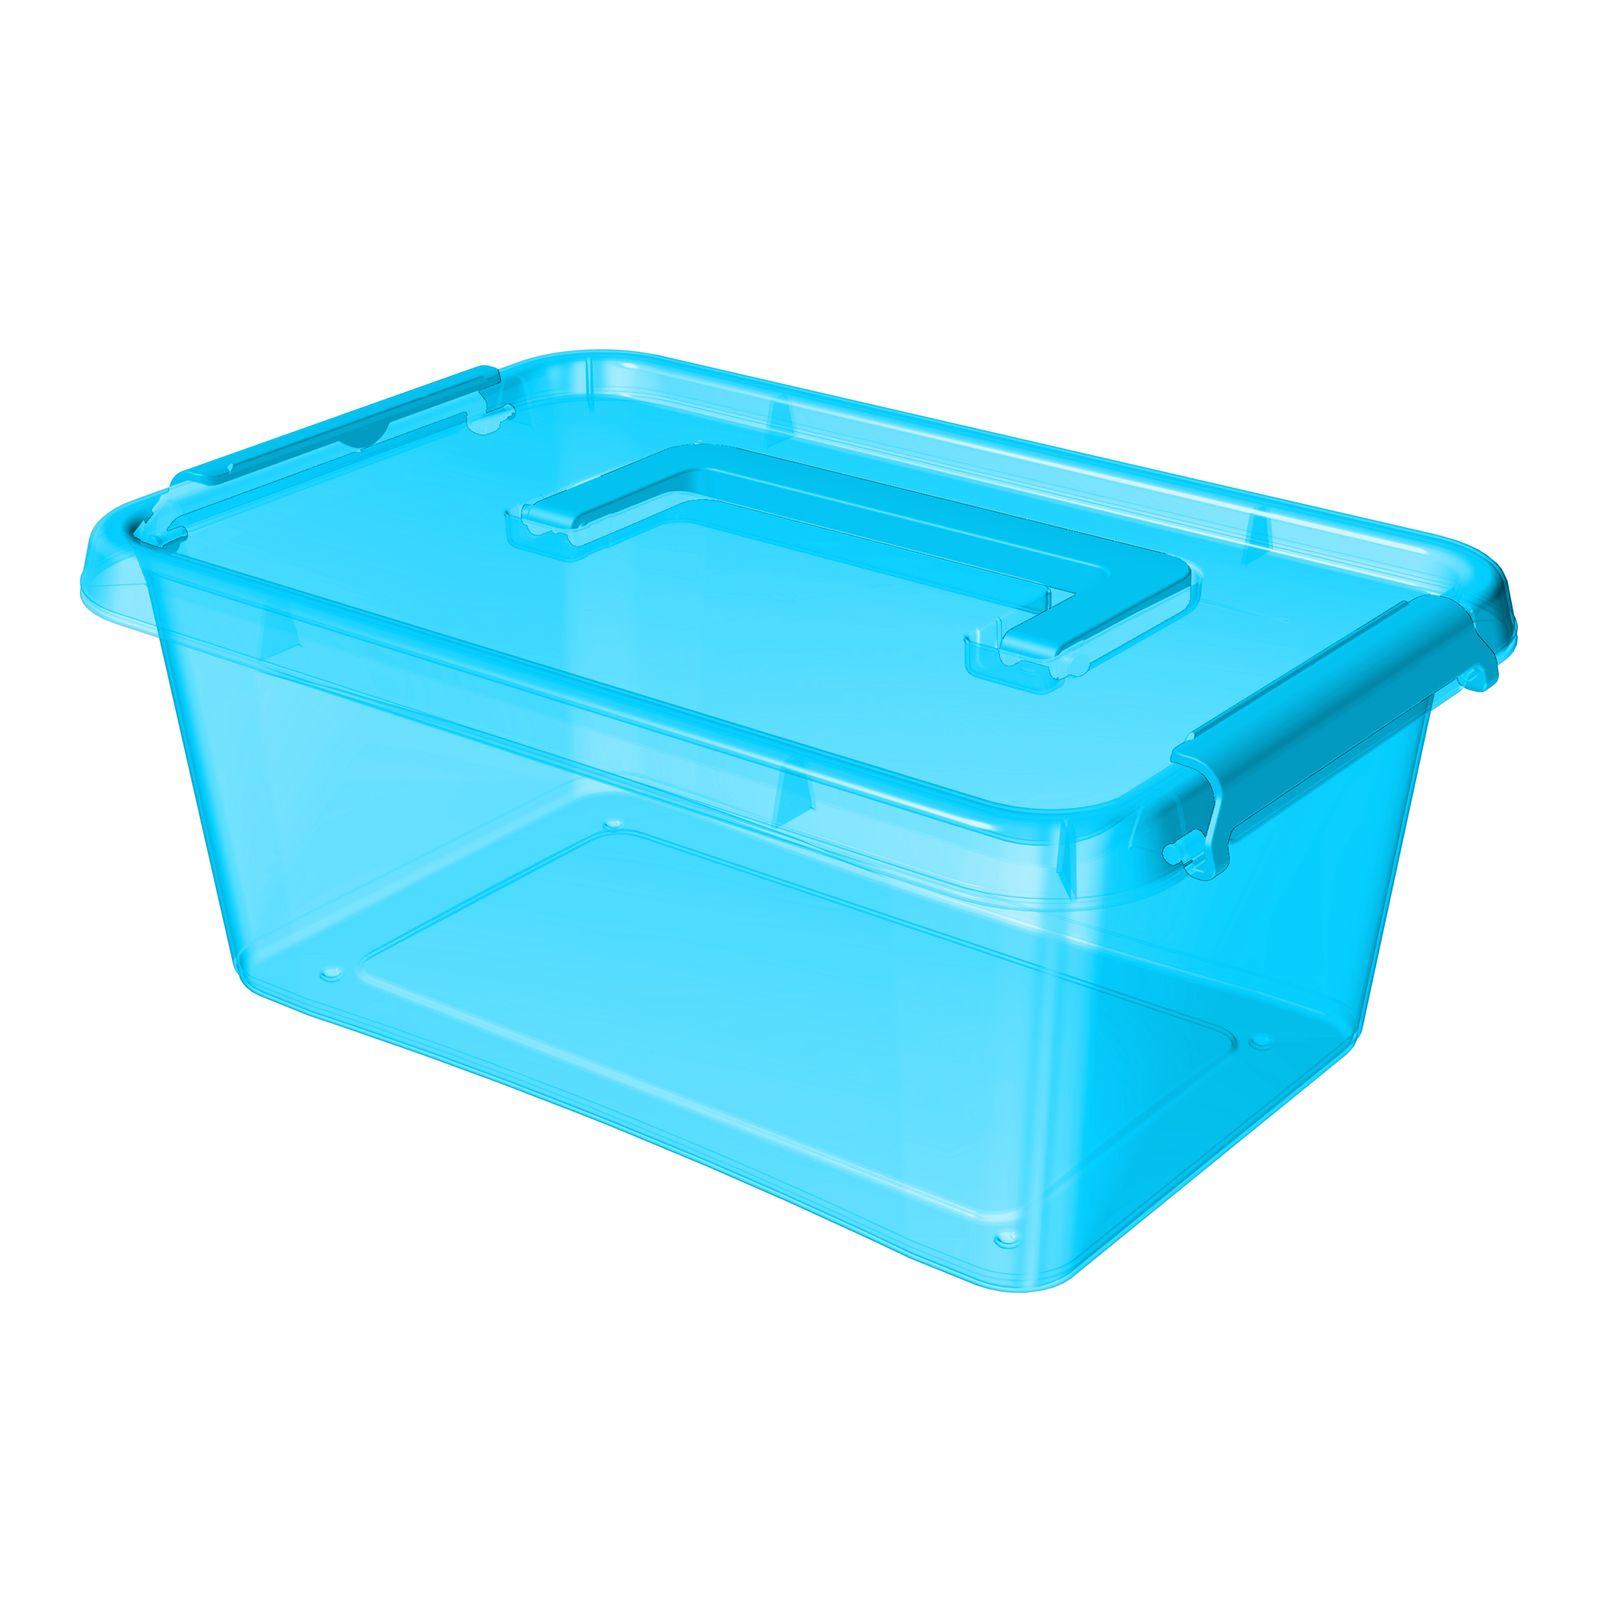 Pojemnik z rączką SimpleStore Color Box 4,5 l niebieski ORPLAST